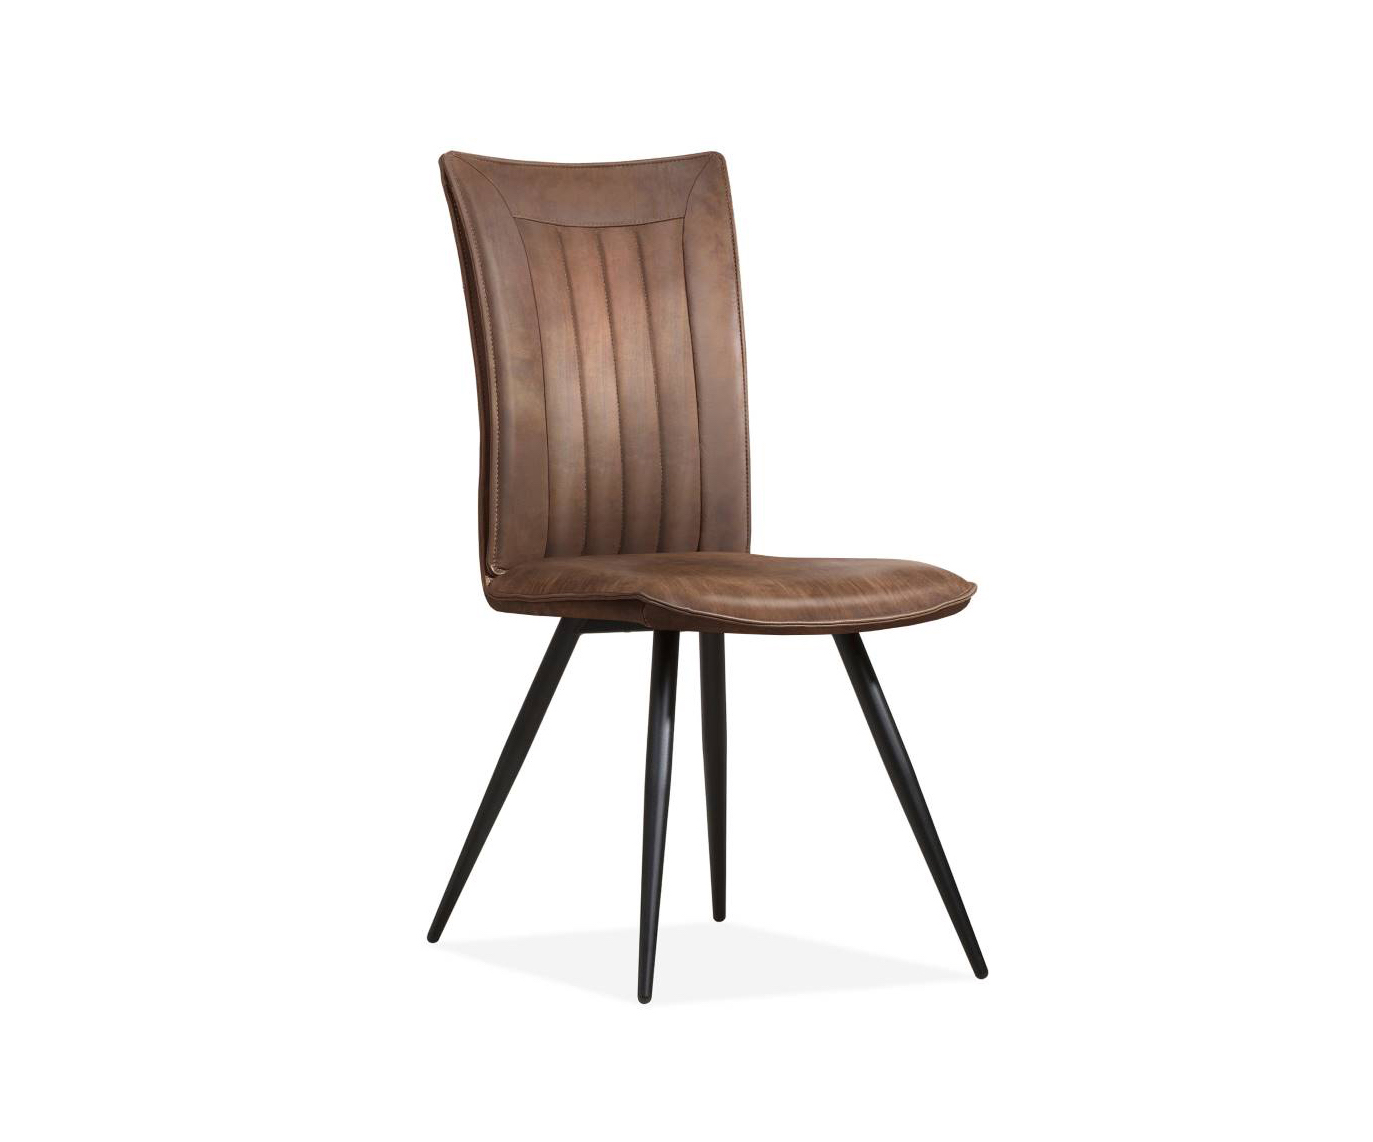 maxfurn master stoel